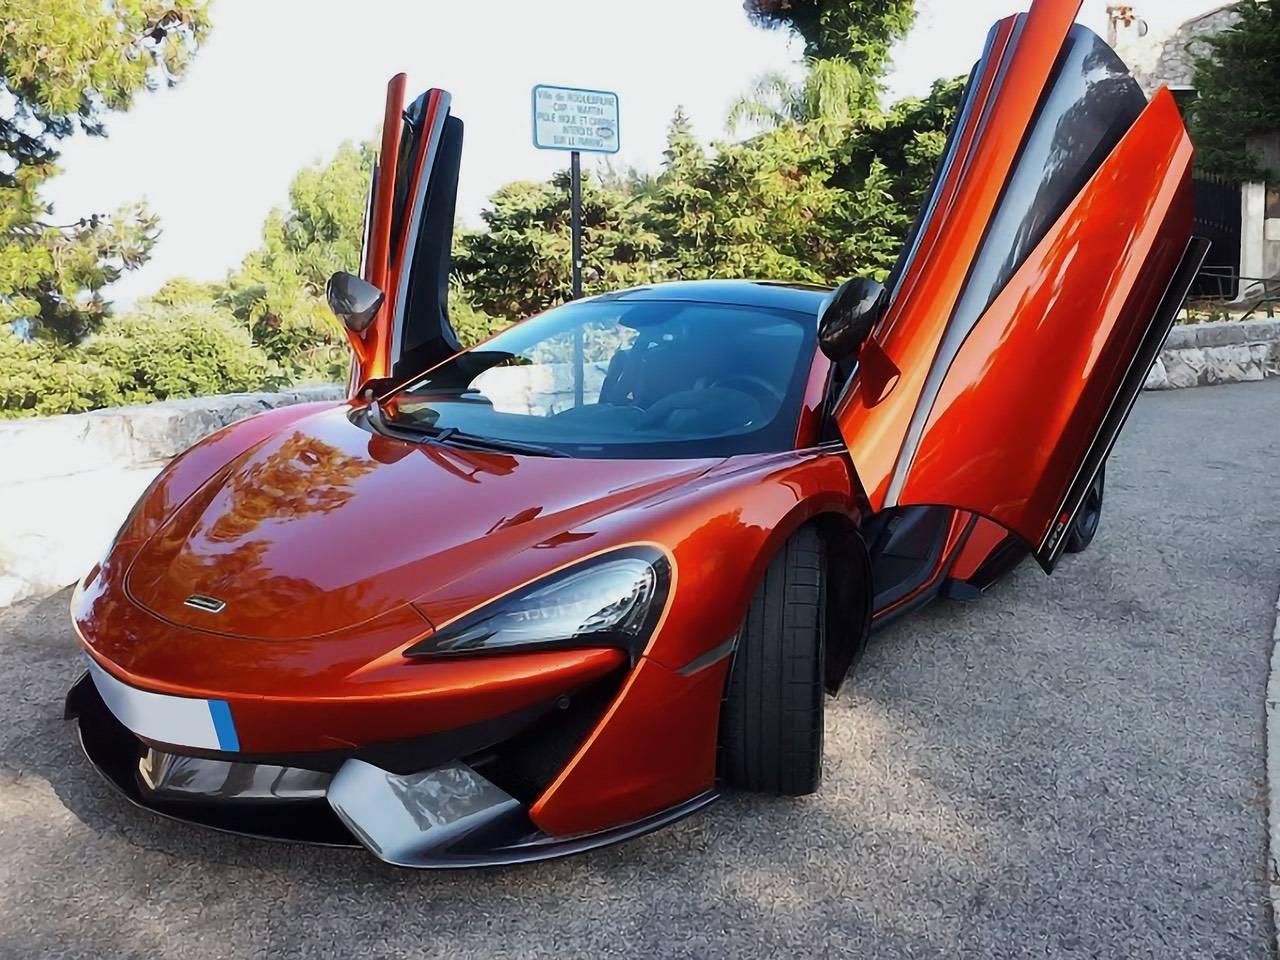 McLaren-570S-Orange-Volcano-4